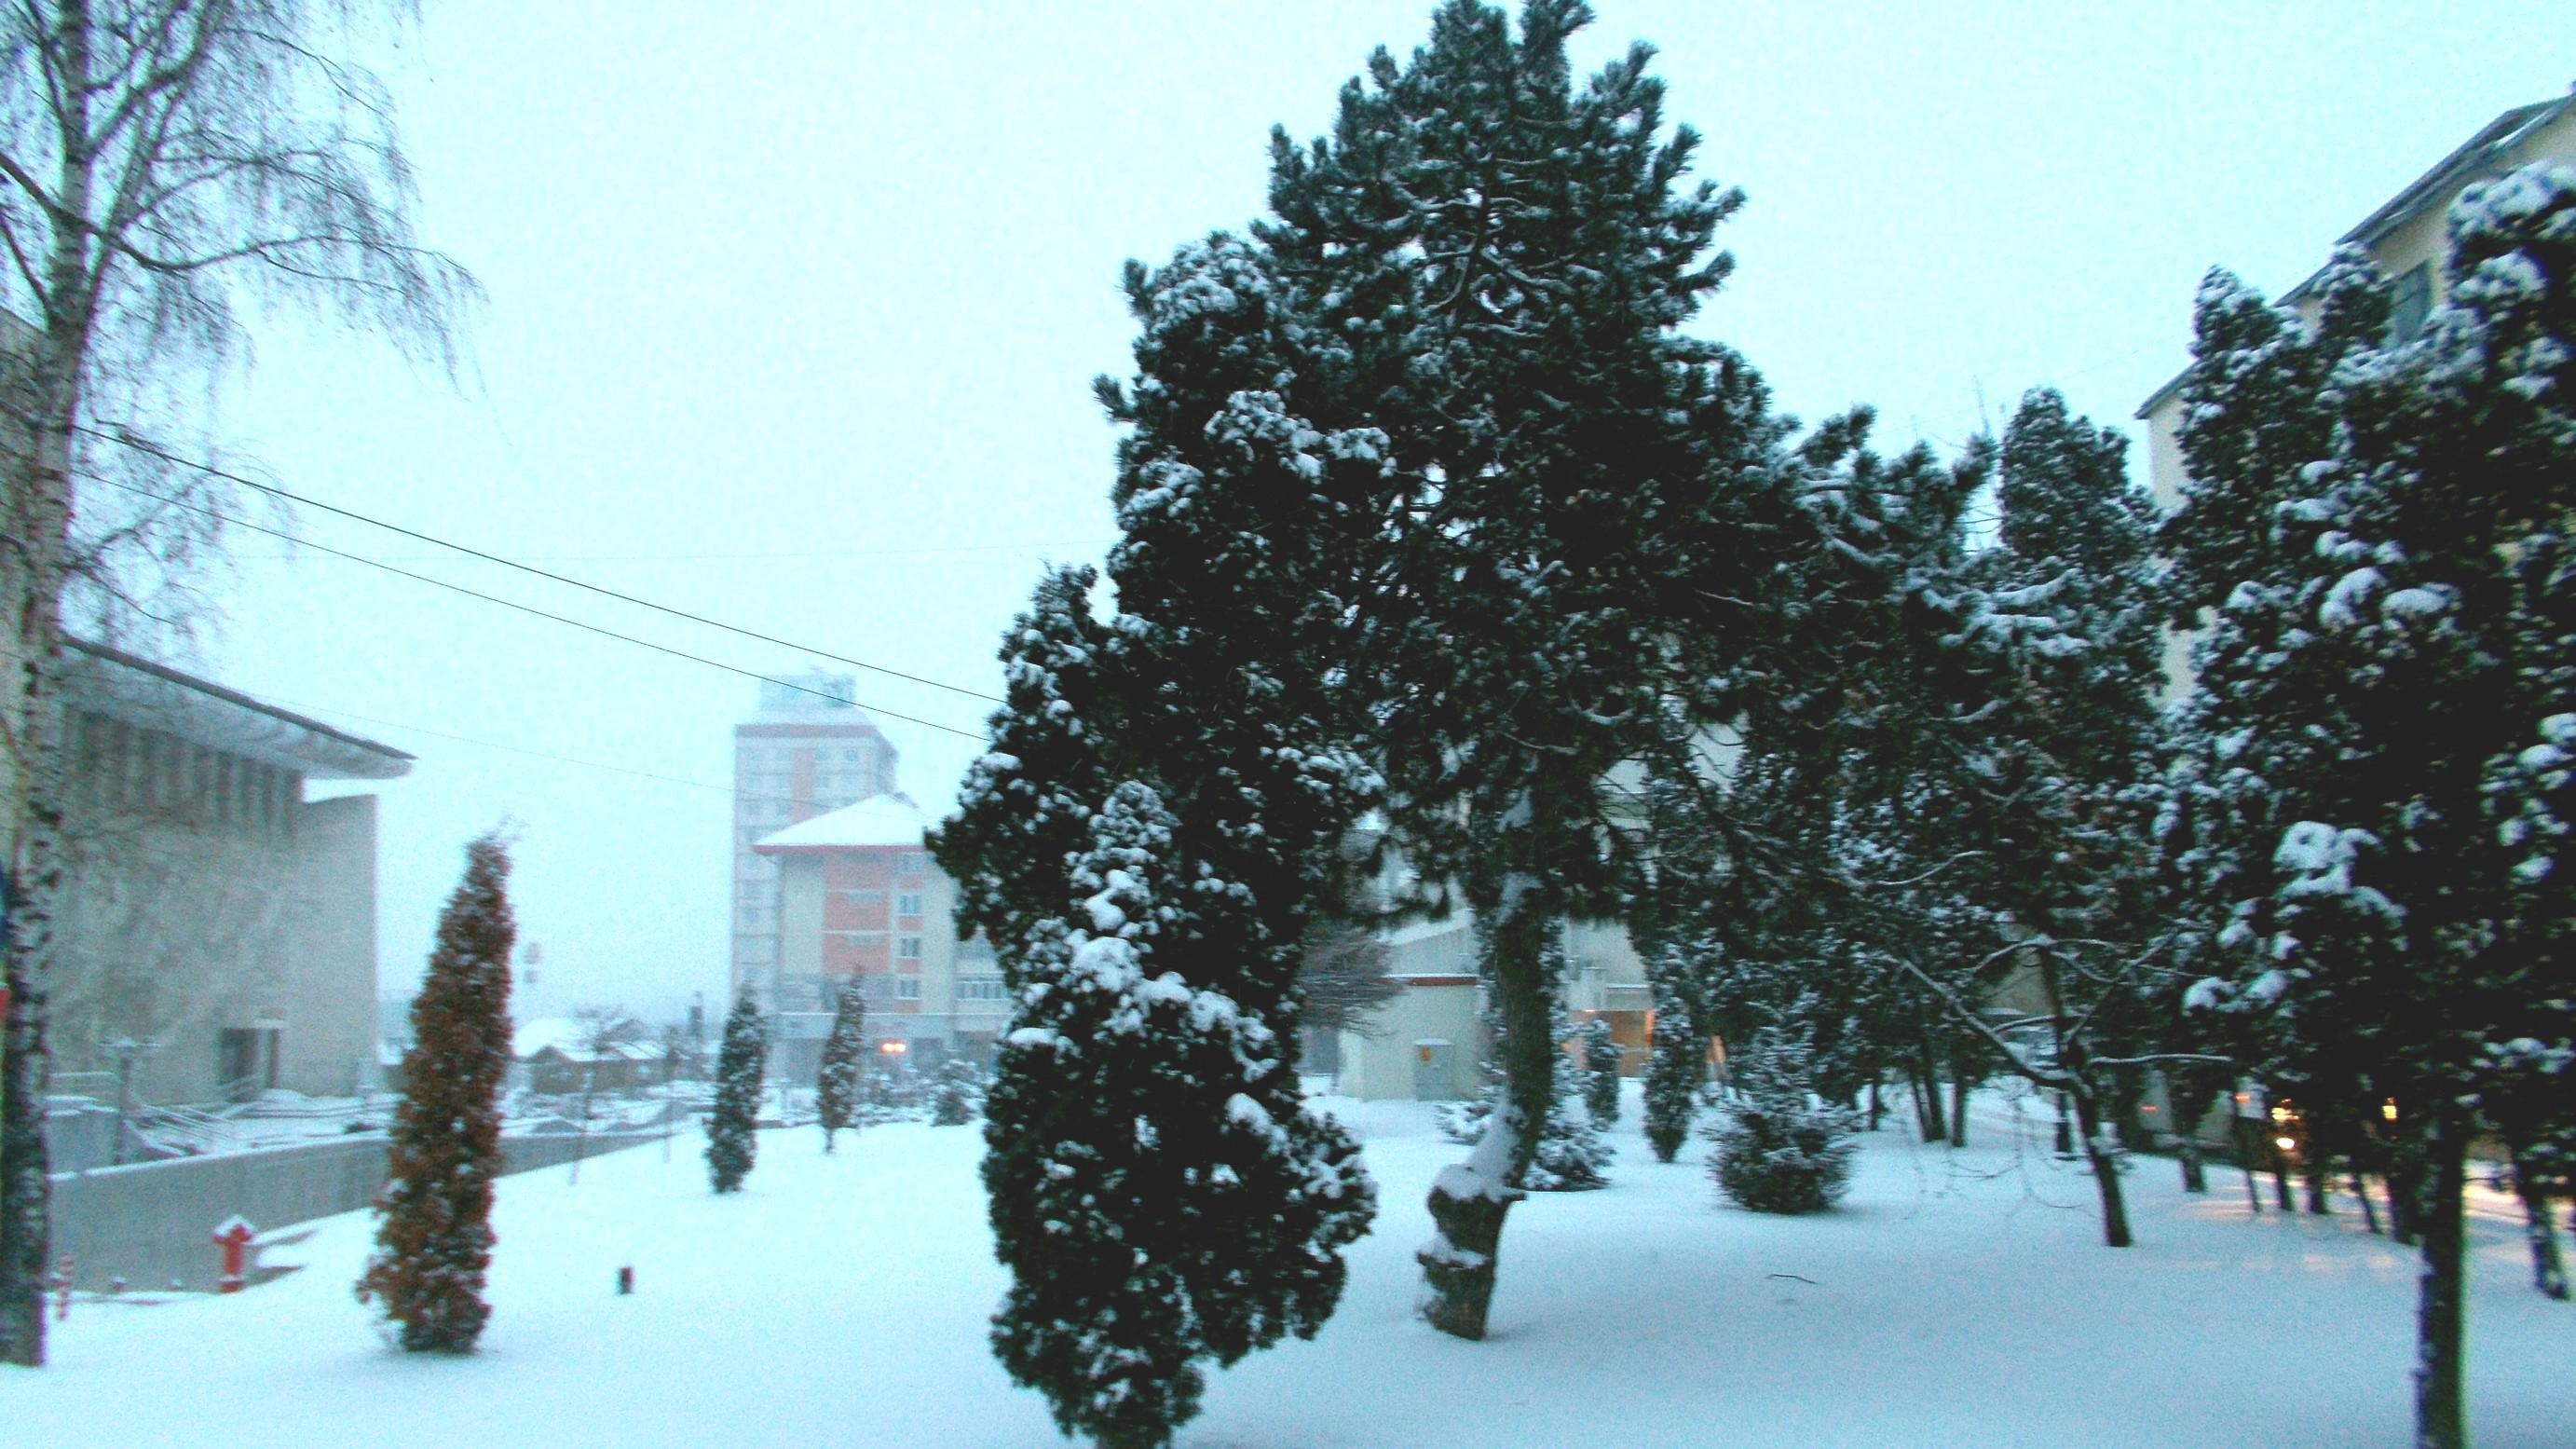 fructele-ncep prin cămări să transpire, fânul fumegă-n grajd şi-ntre timp noi om sta la o oală cu vin, pân' la cer ieri a nins peste câmp,